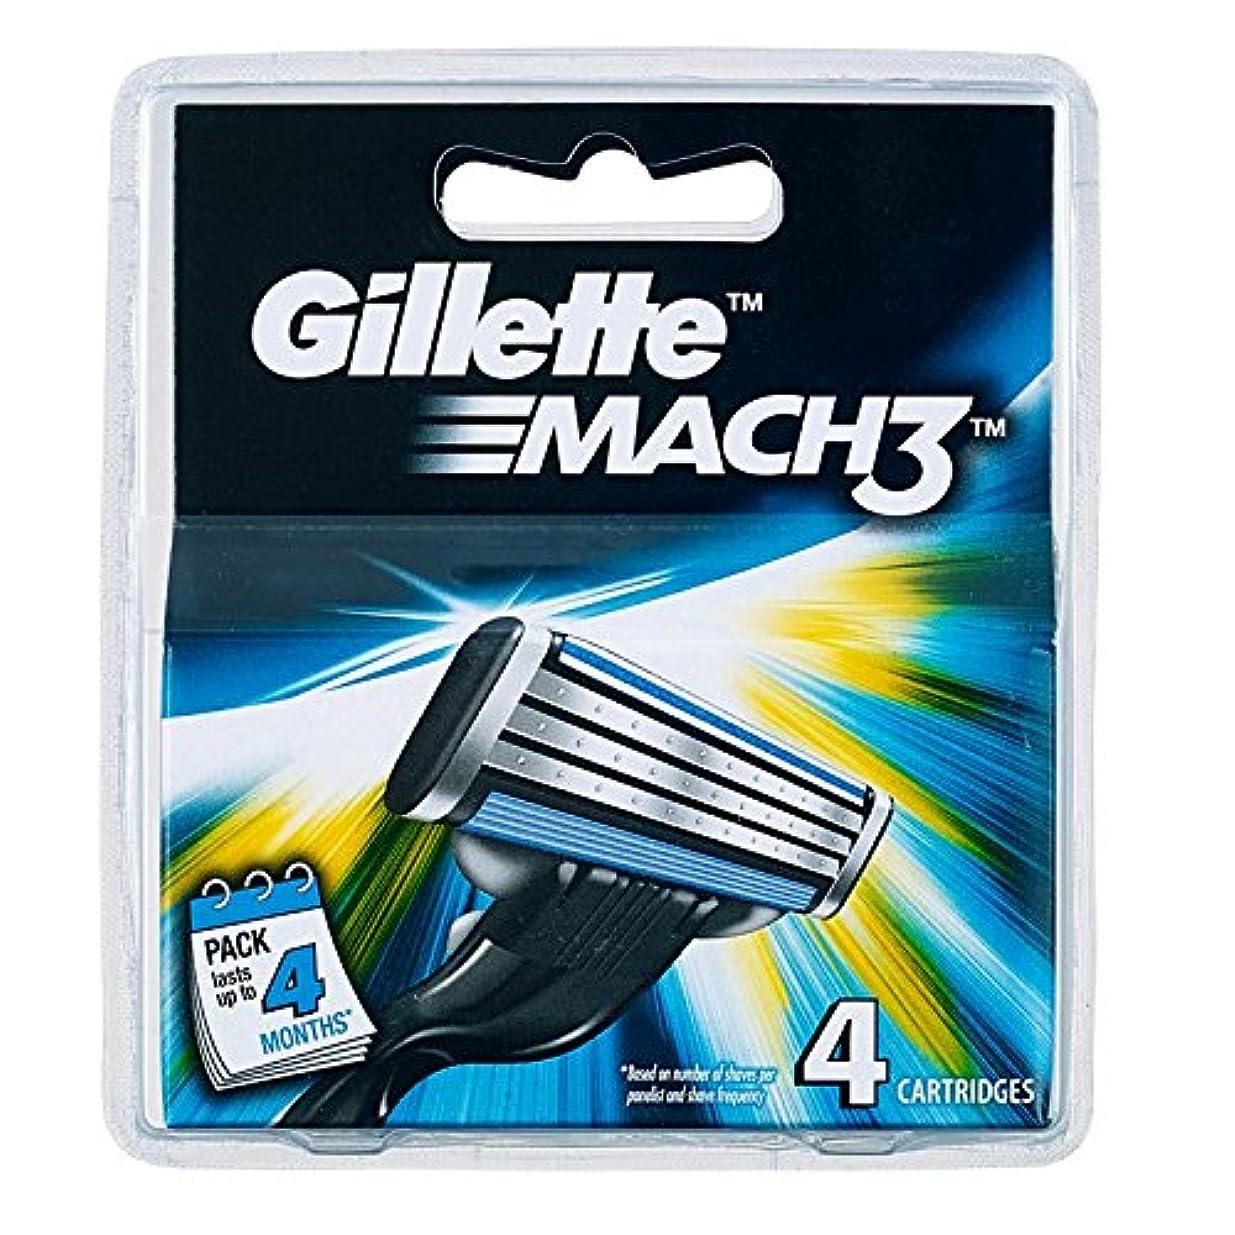 ランチョン成人期参加するGillette MACH3 SHAVING RAZOR CARTRIDGES BLADES 4 Pack [並行輸入品]